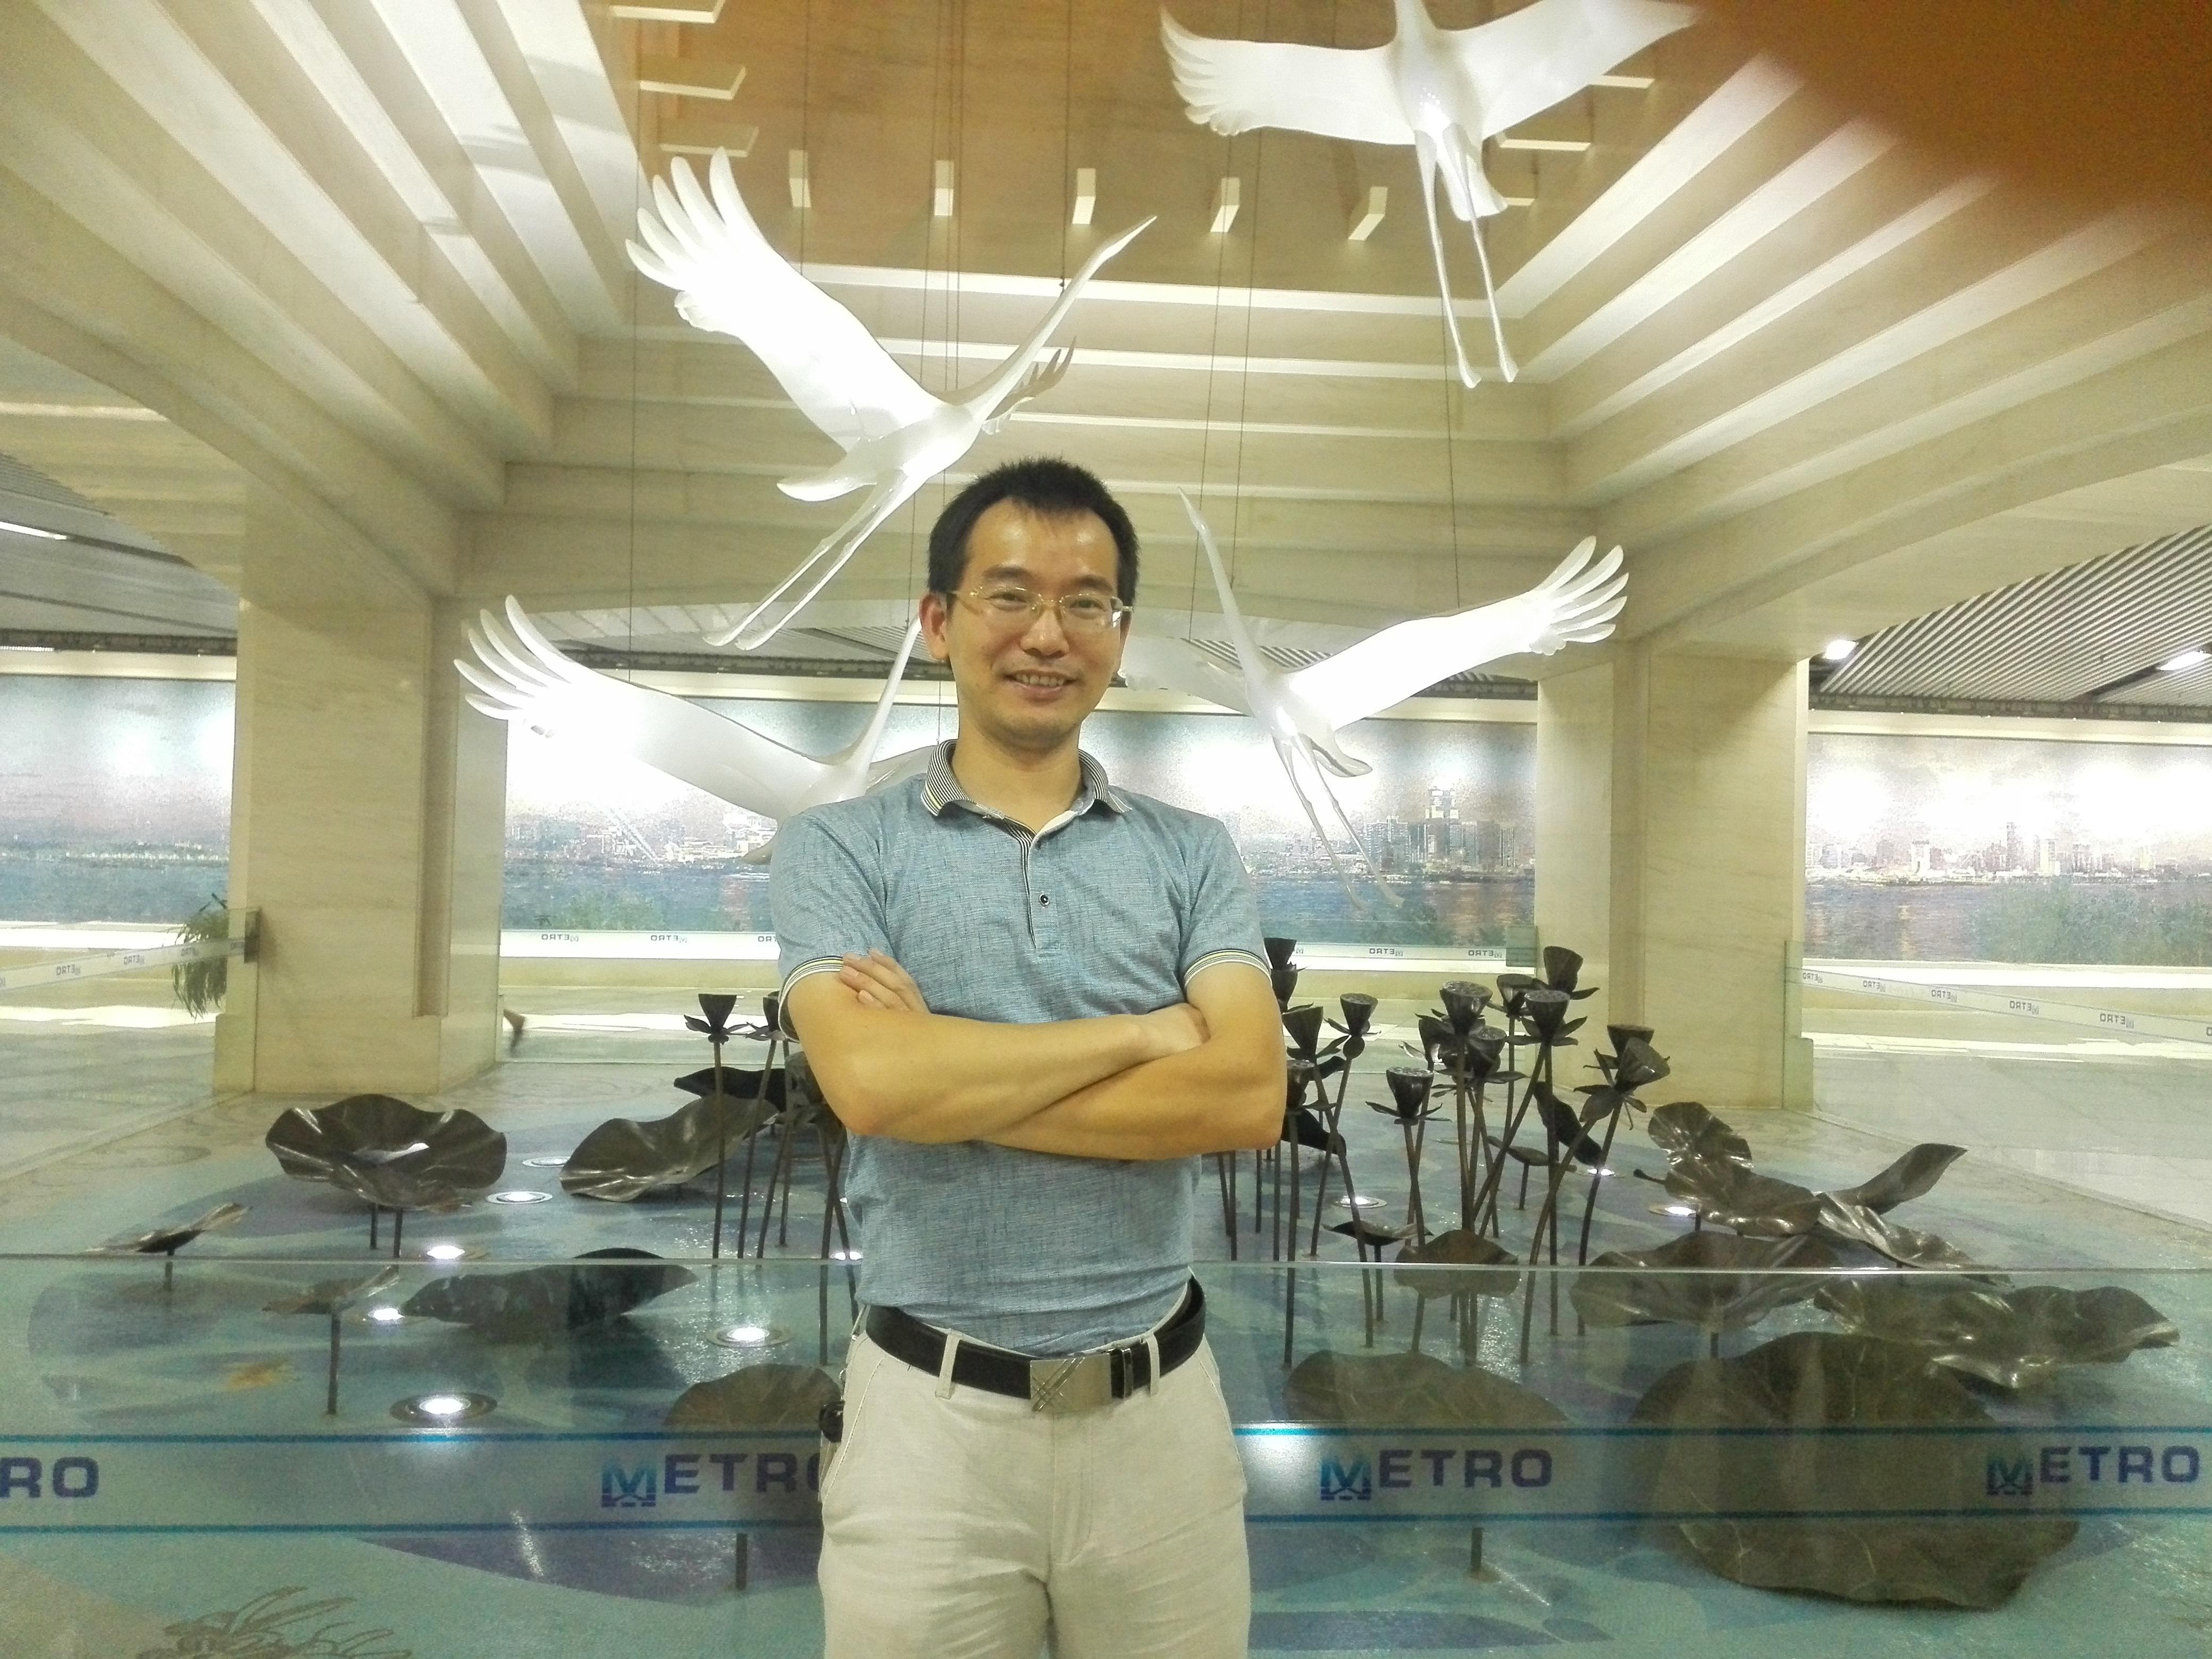 铜箔胶带专业厂家【艾飞敏】挺进武汉,铜箔胶带批发价格更优惠